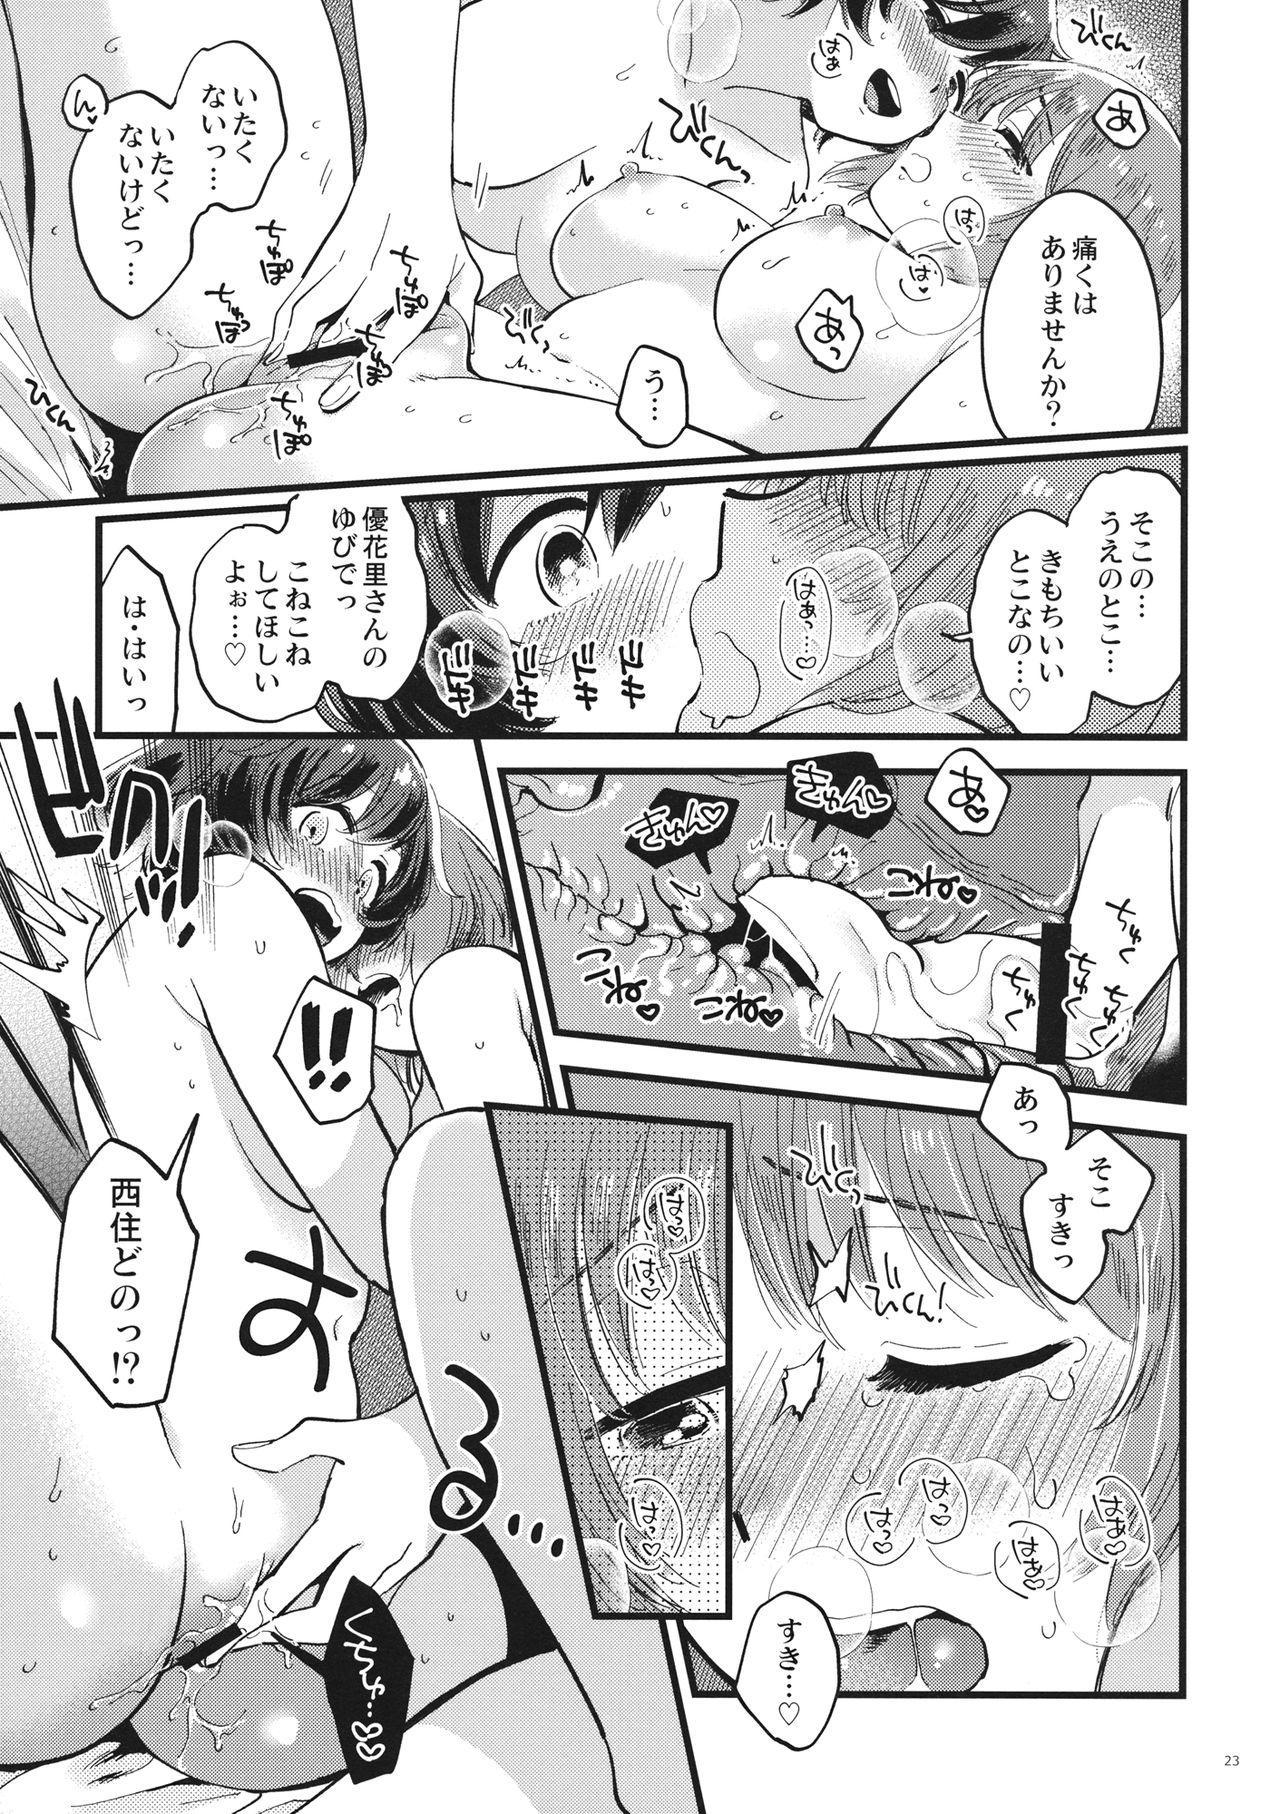 Yasashiku, Sawatte, Oku made Furete. 21